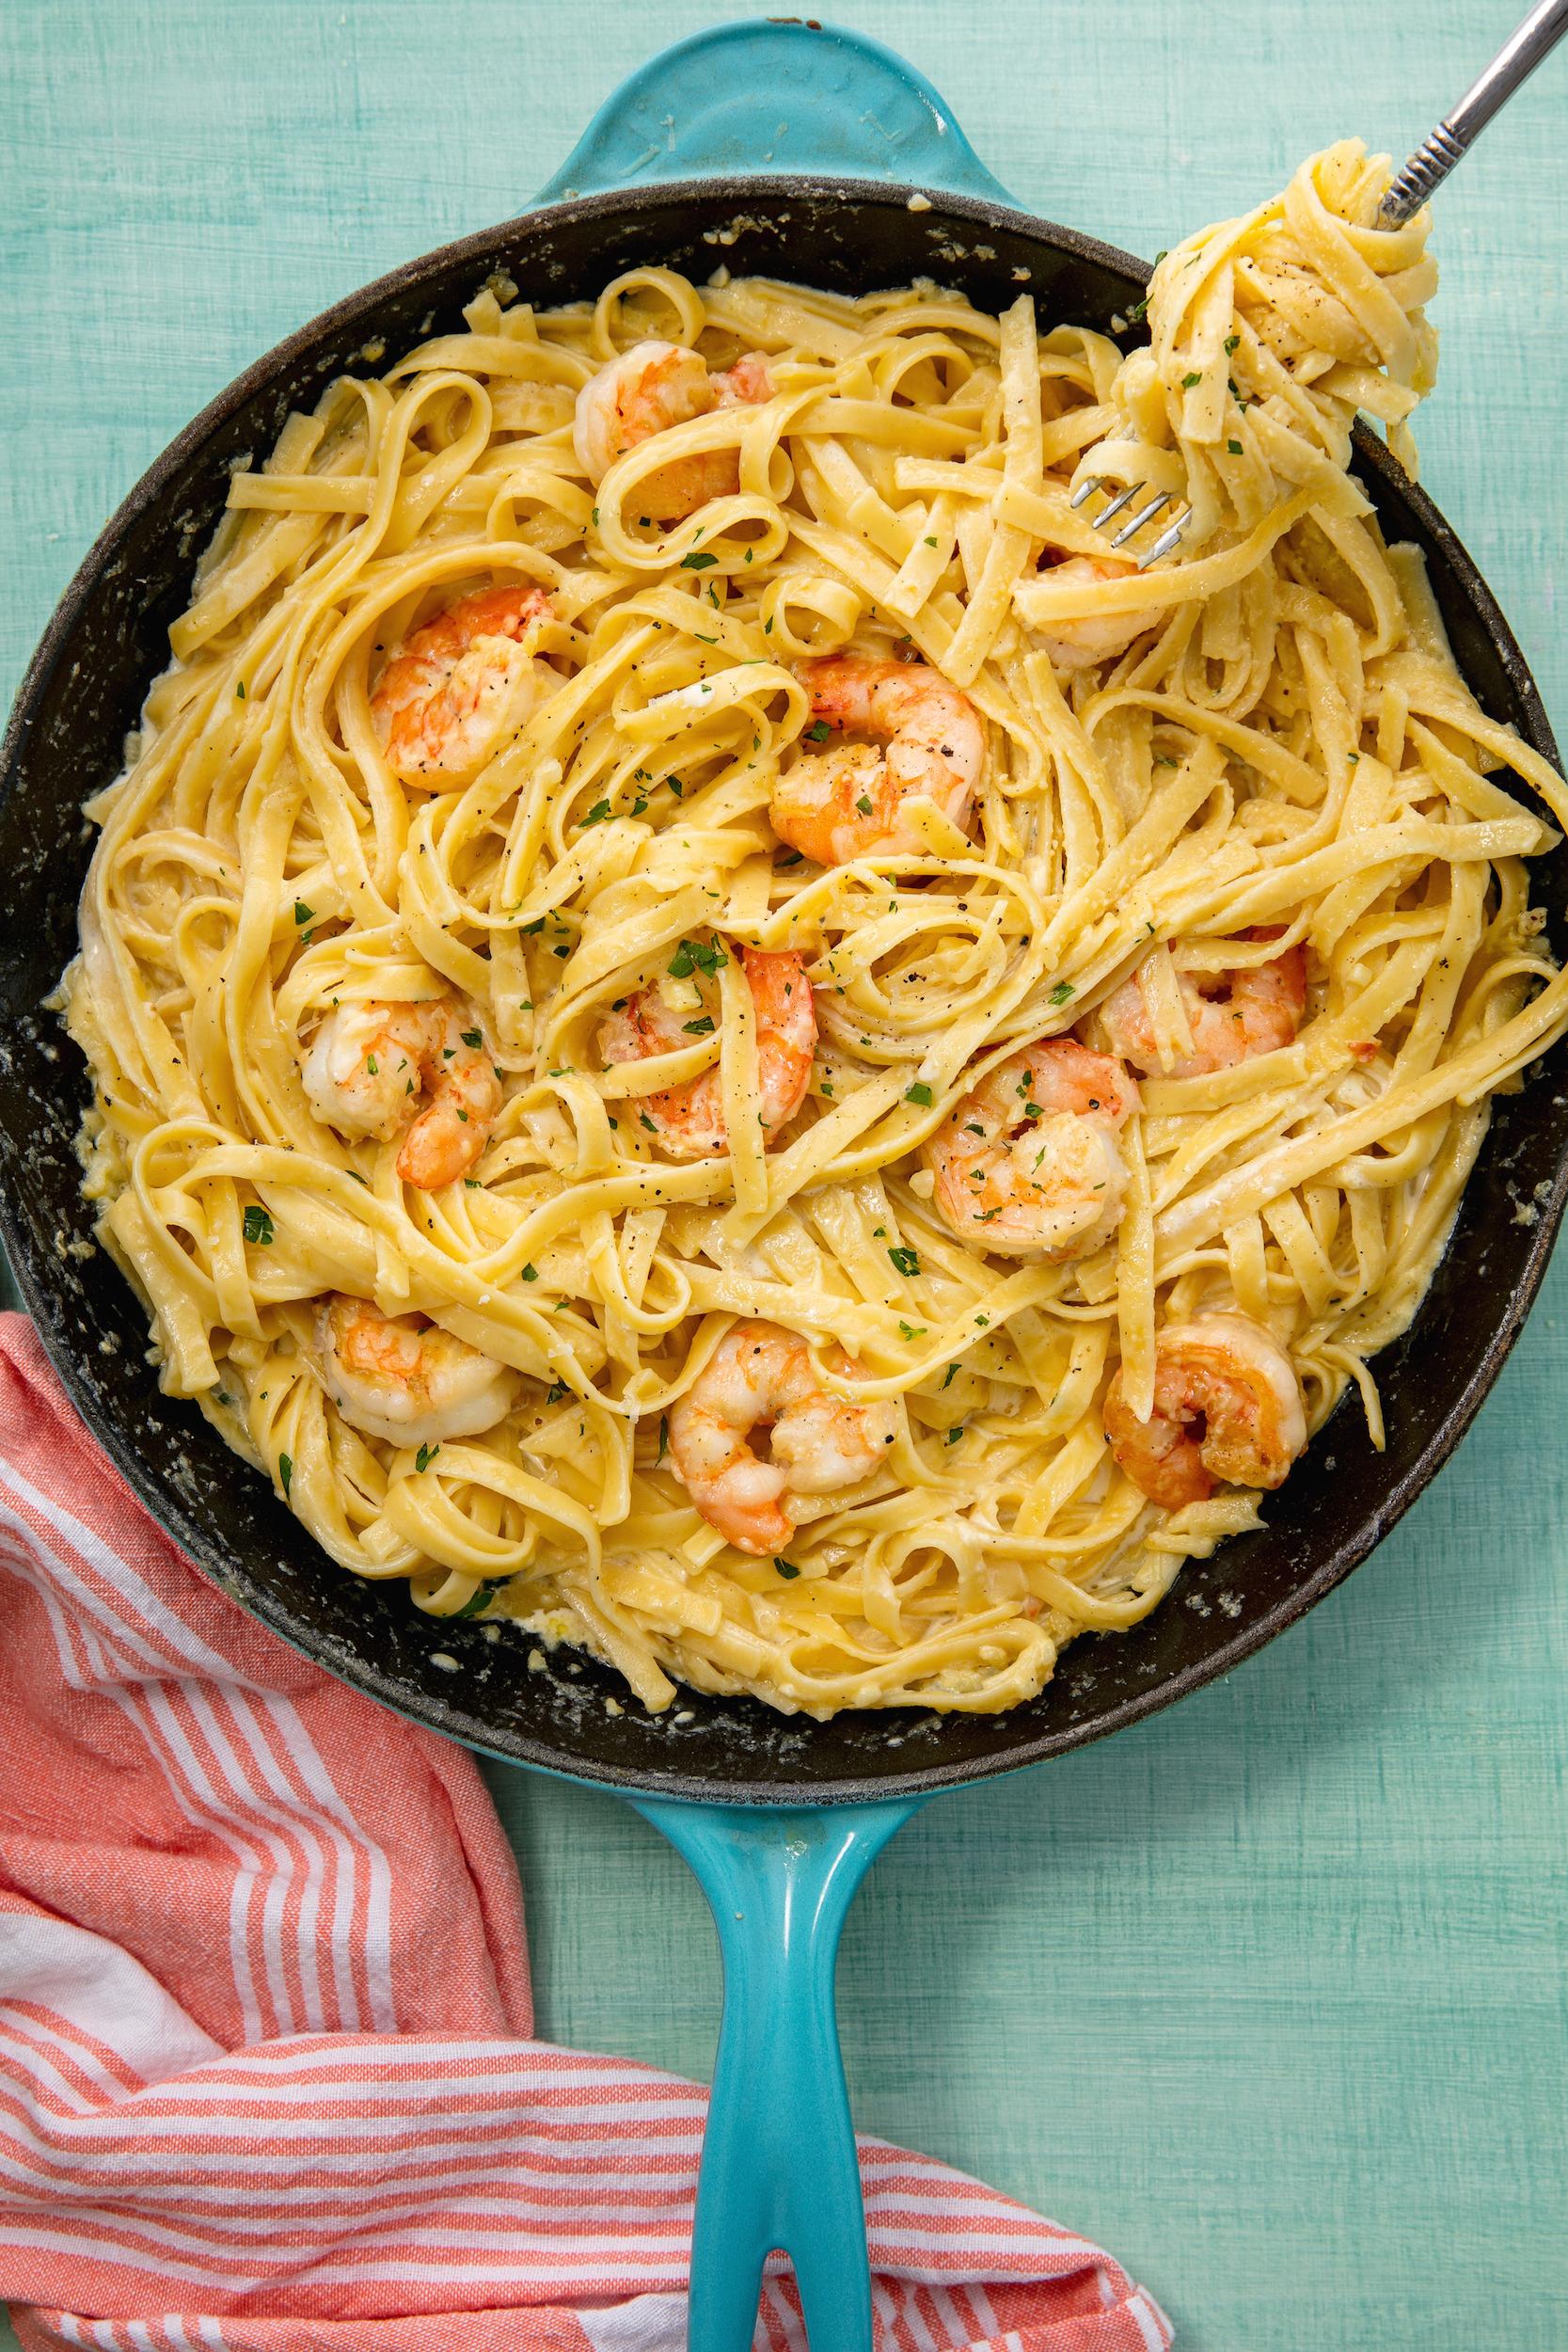 50+ Easy Summer Pasta Recipes